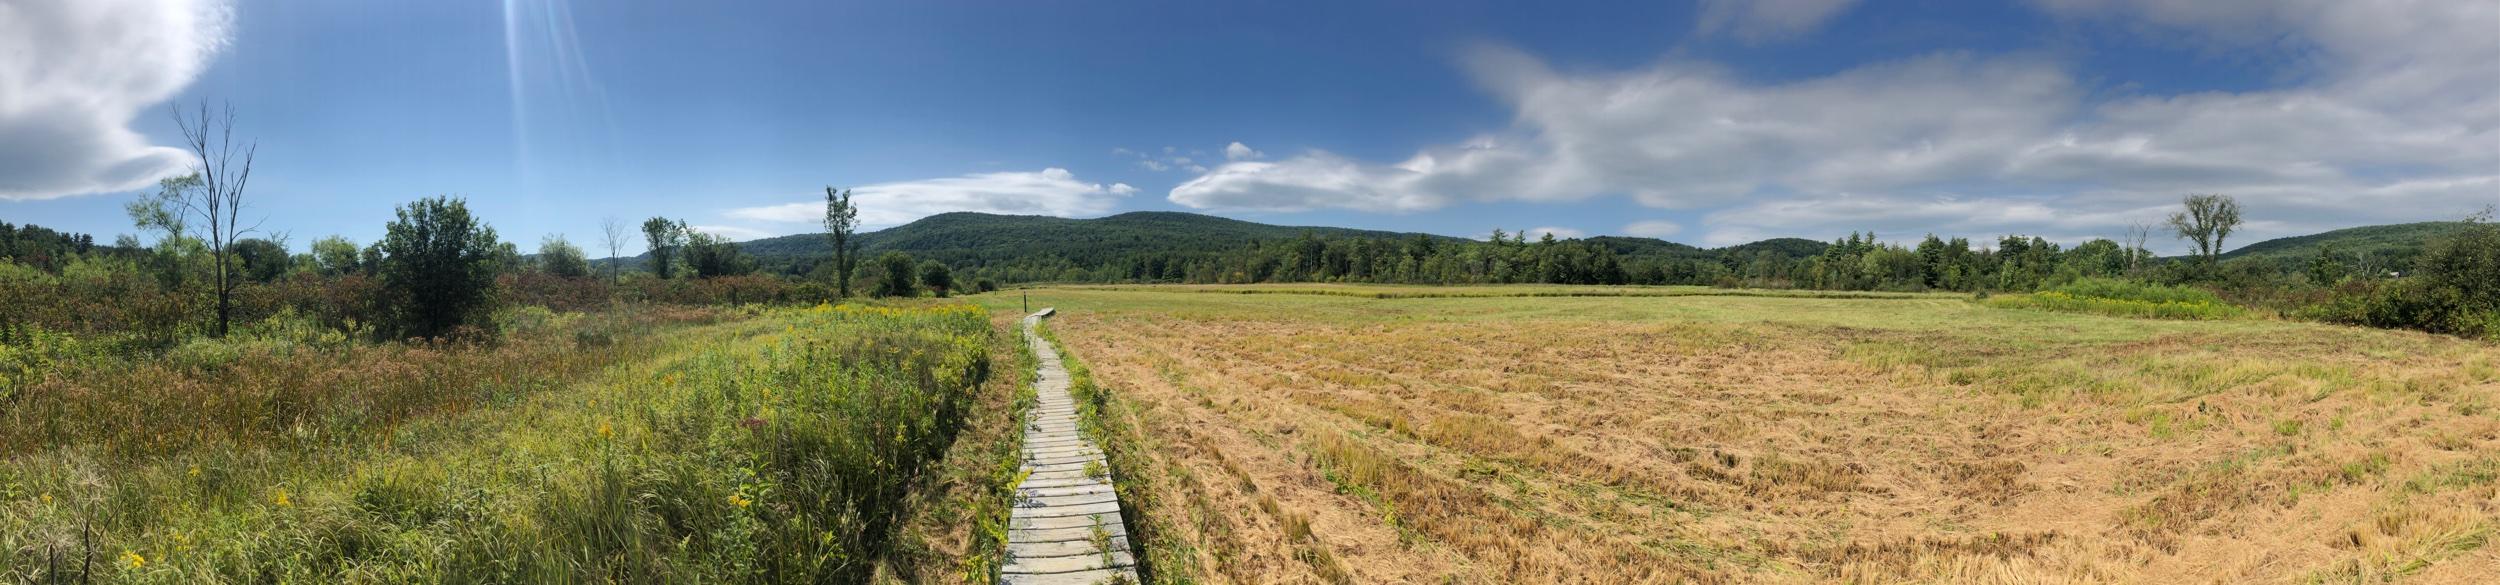 Beautiful Fields with a Boardwalk